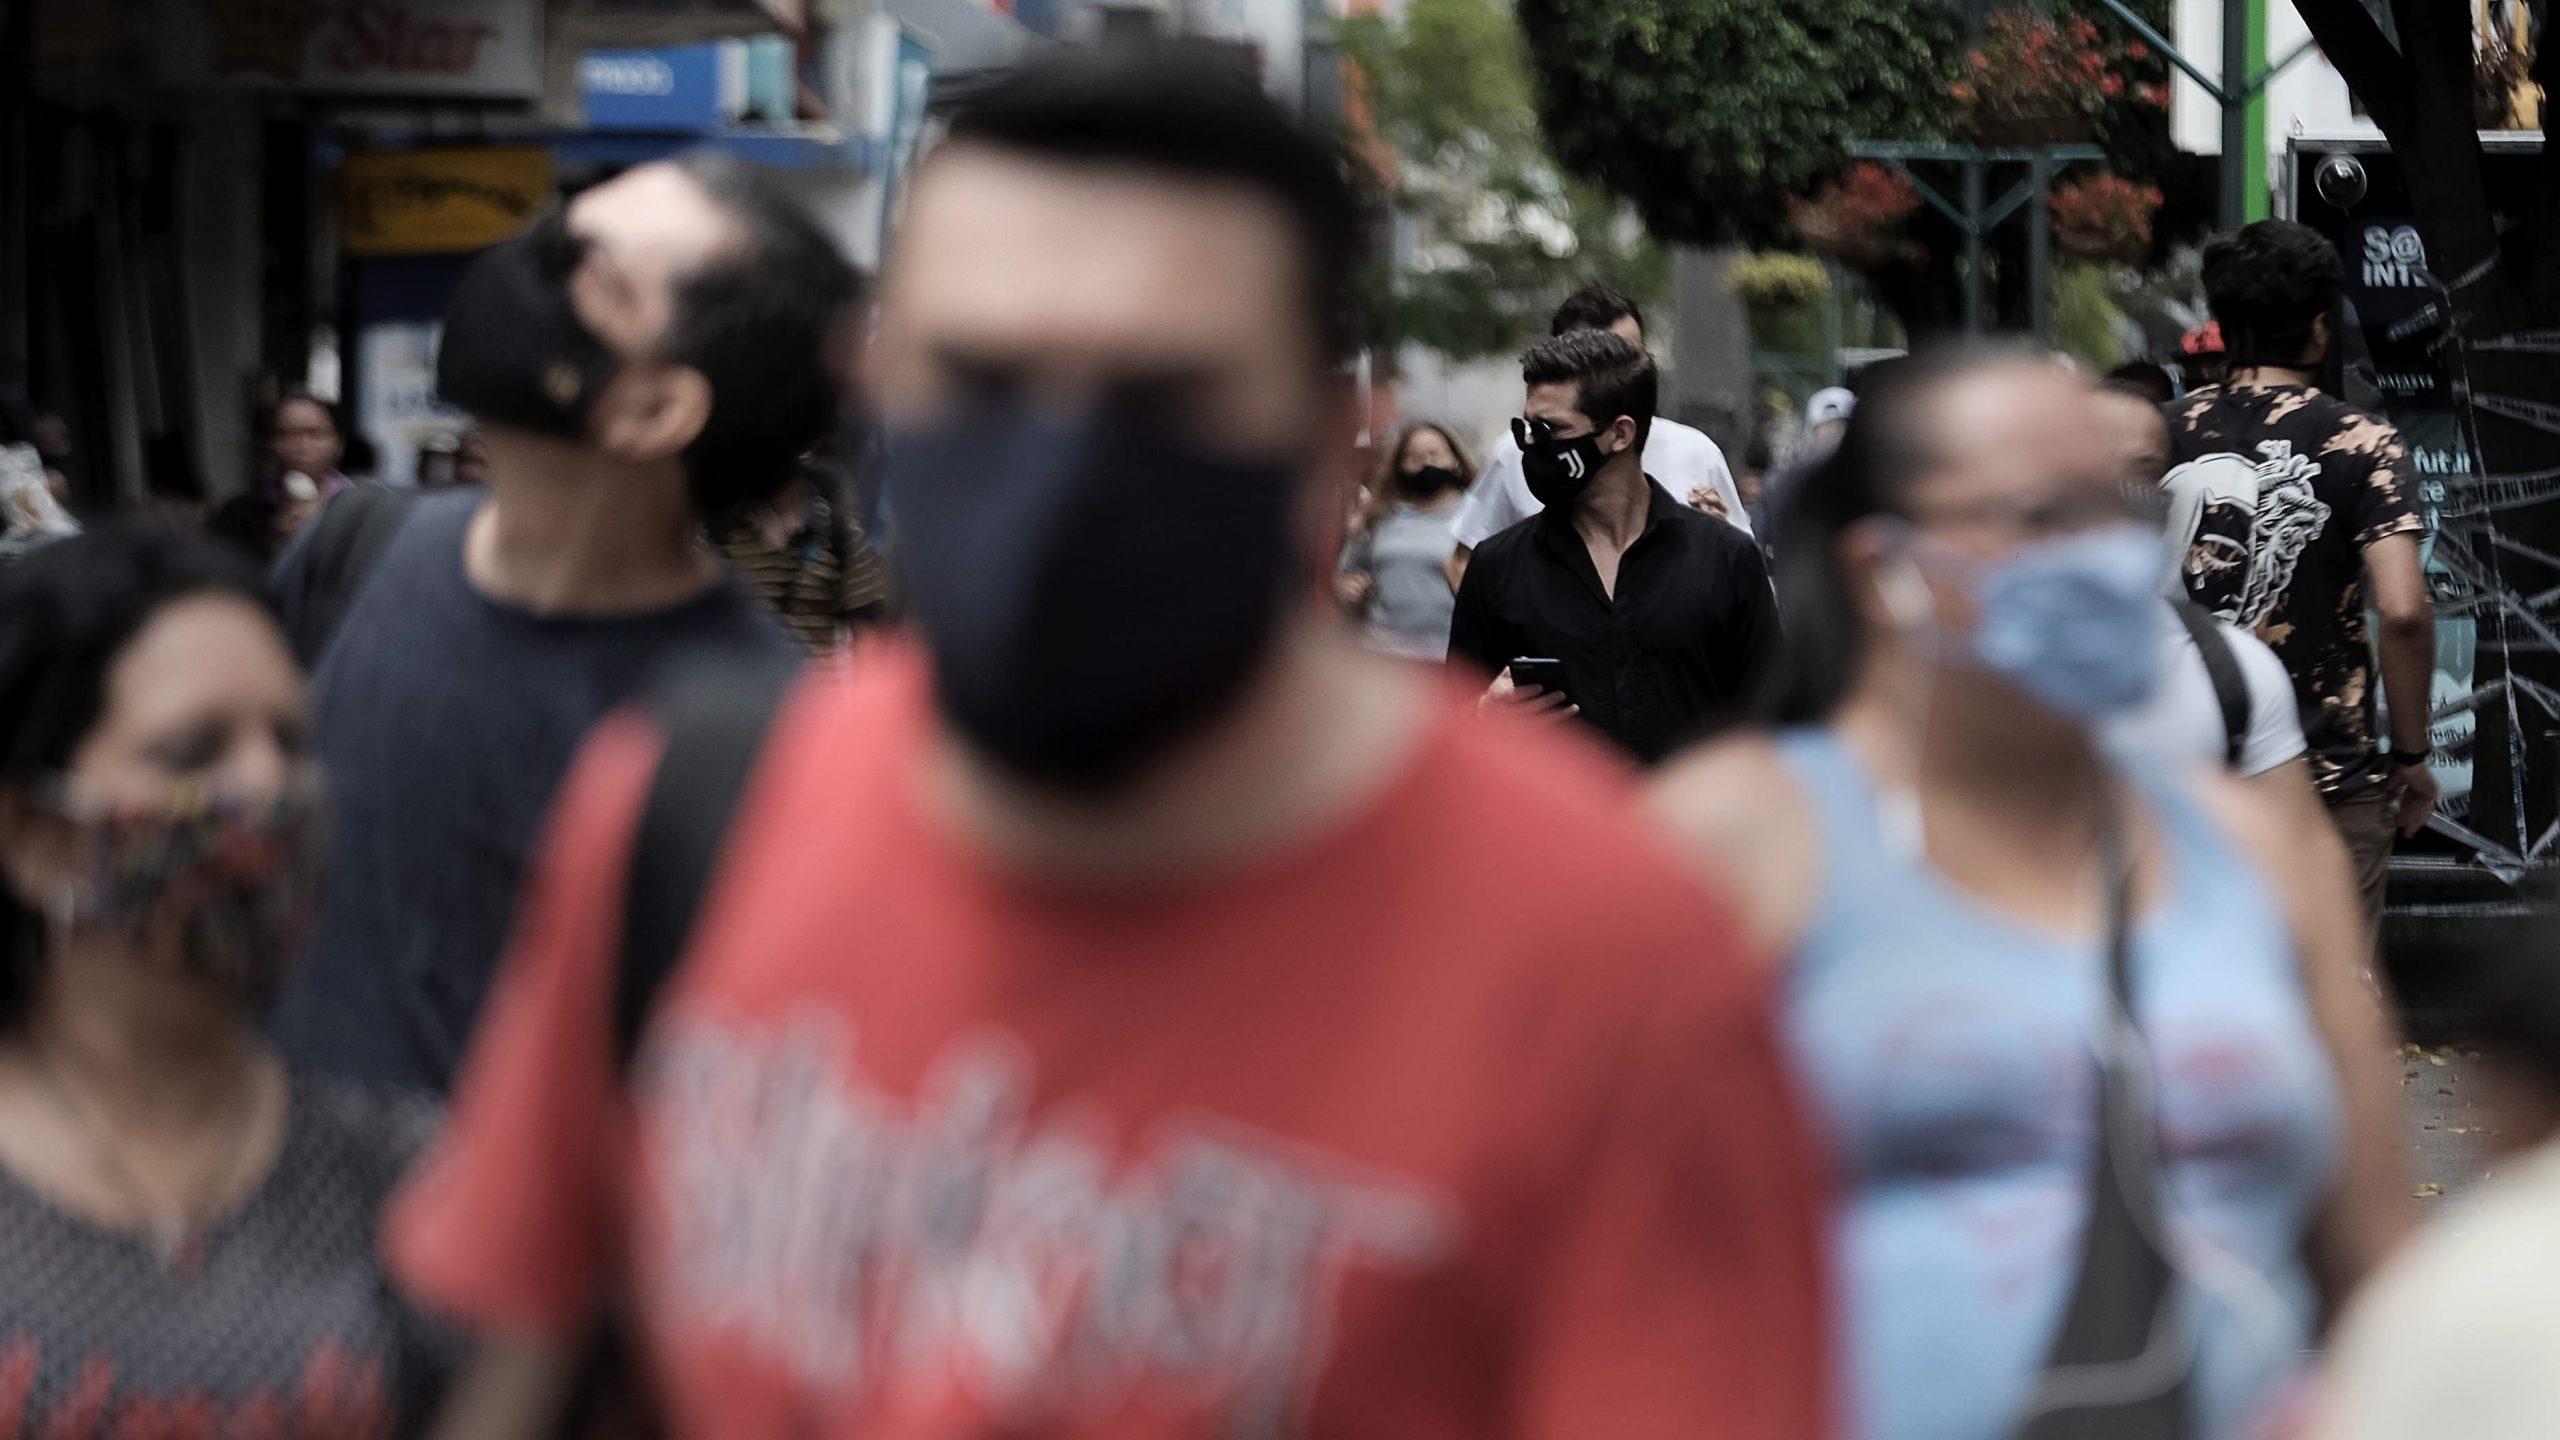 Costa Rica afronta un mes crítico con la Covid-19 como mayor causa de muerte